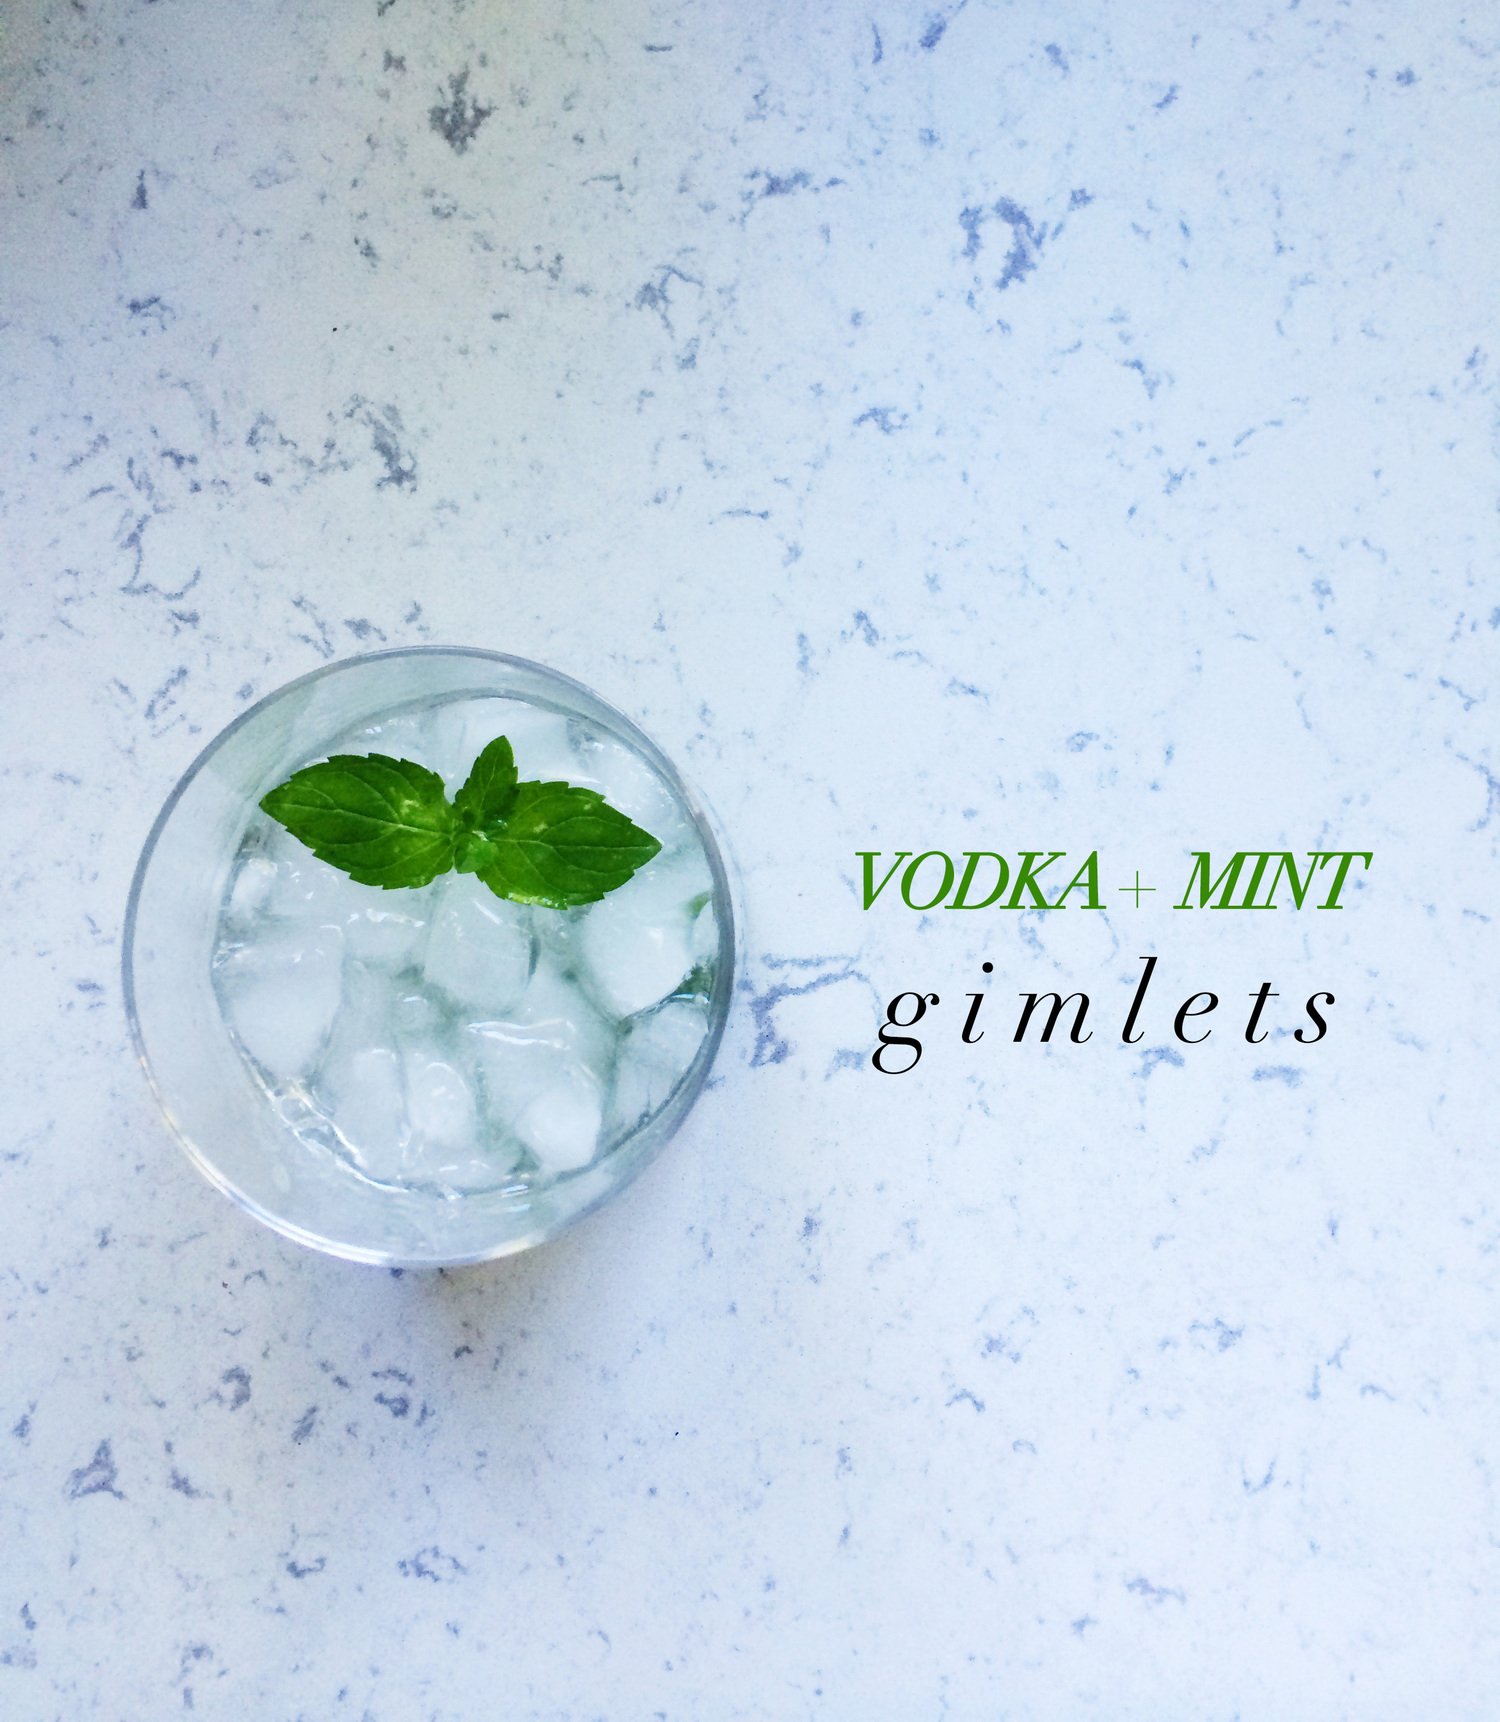 vodka and mint gimlets.